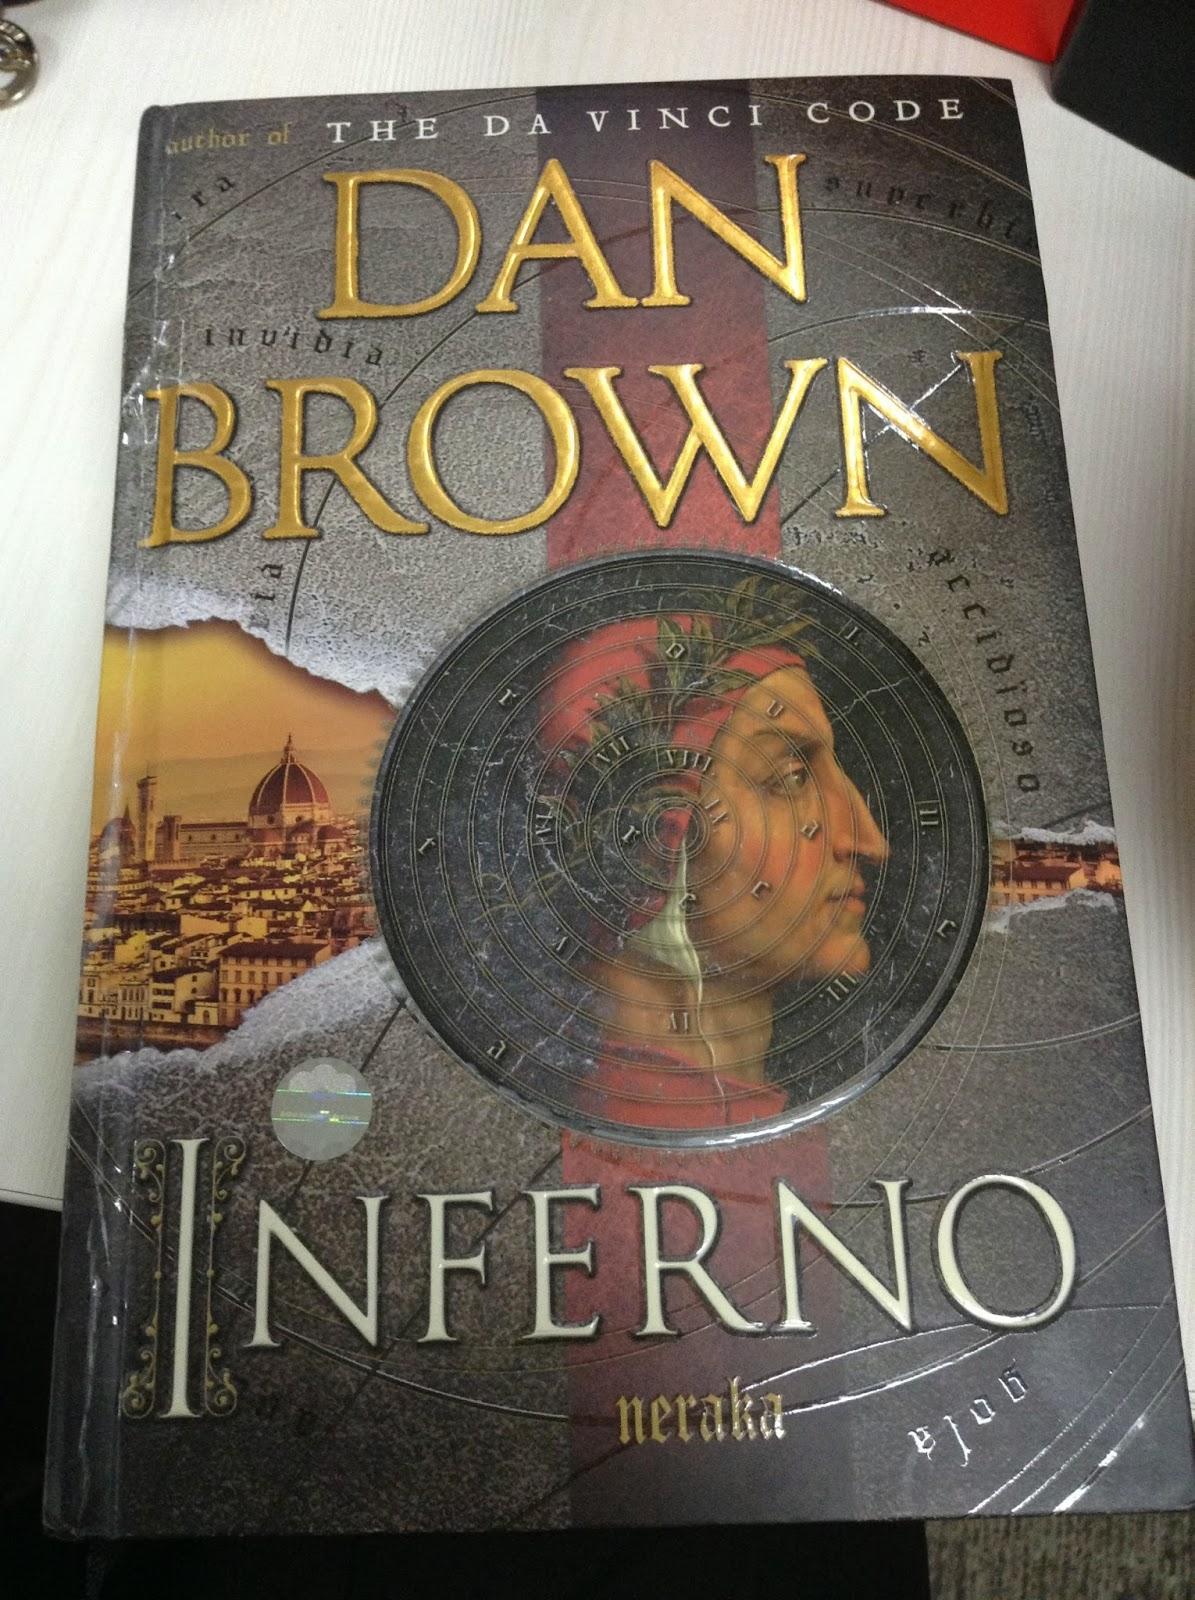 Mari Membaca Review Inferno By Dan Brown